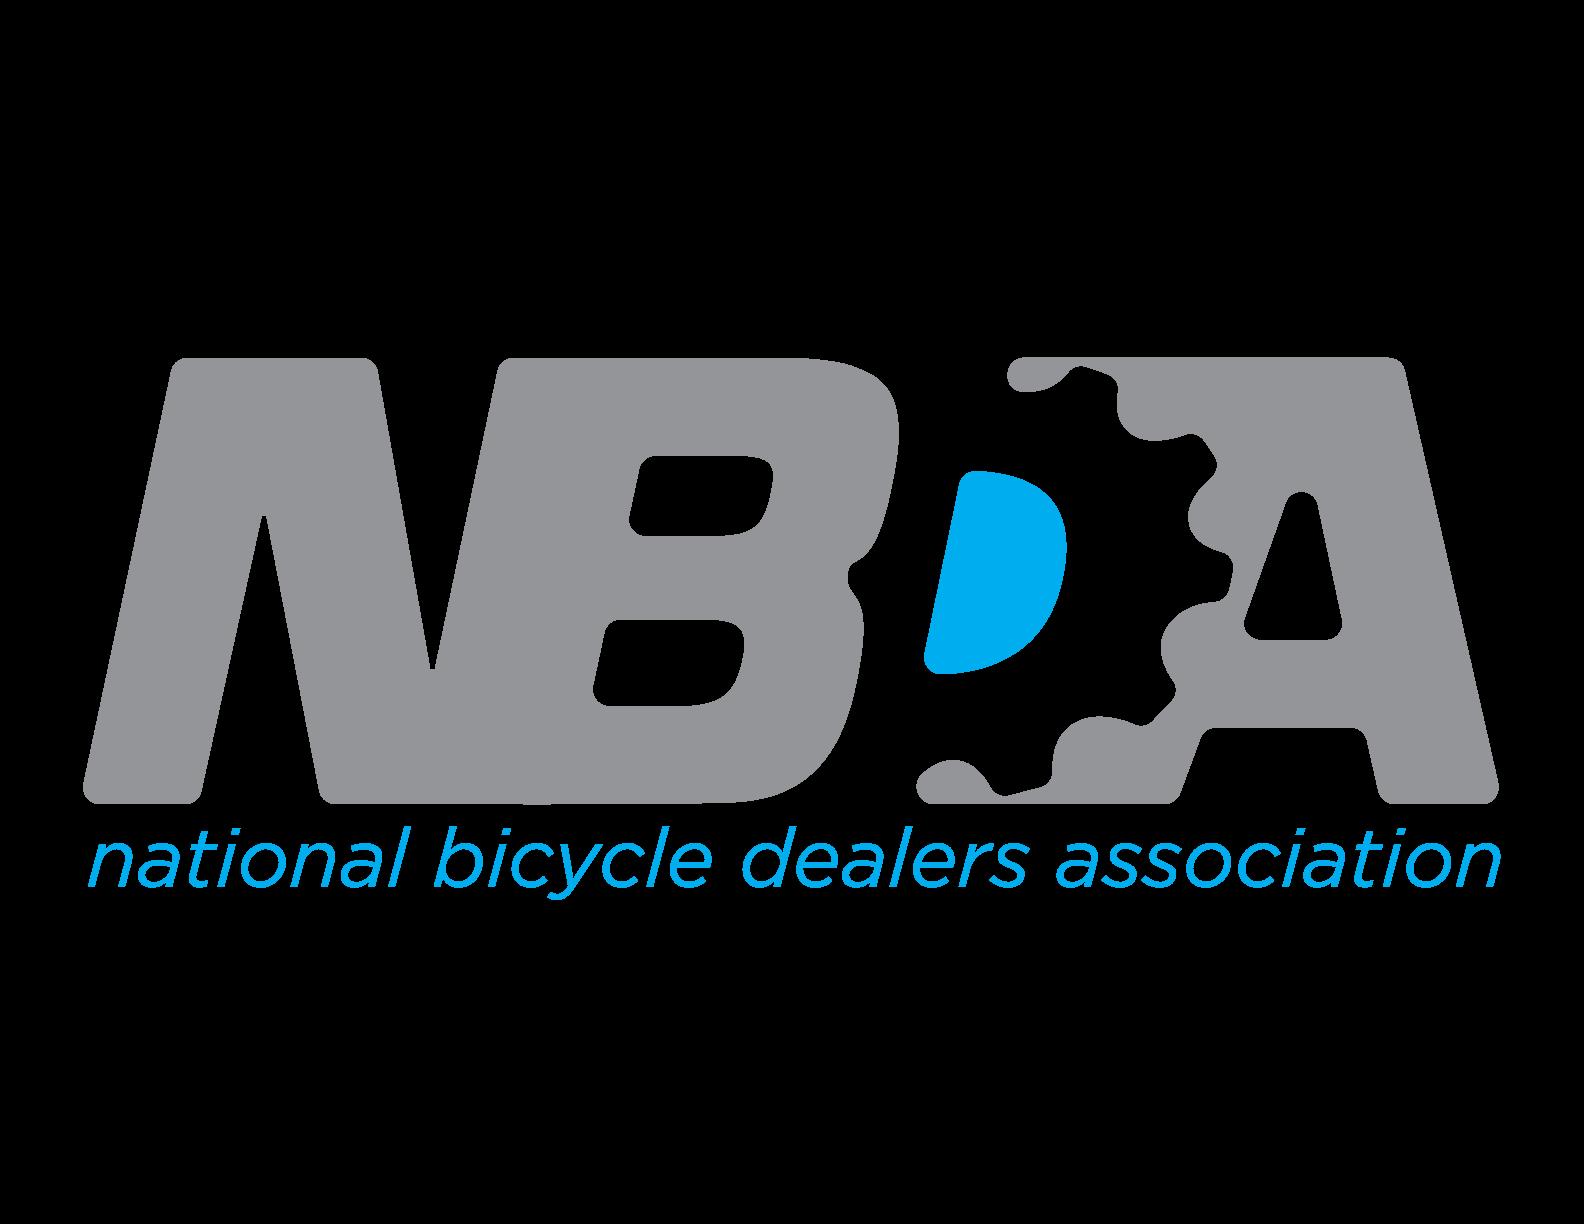 nbda-logo.png